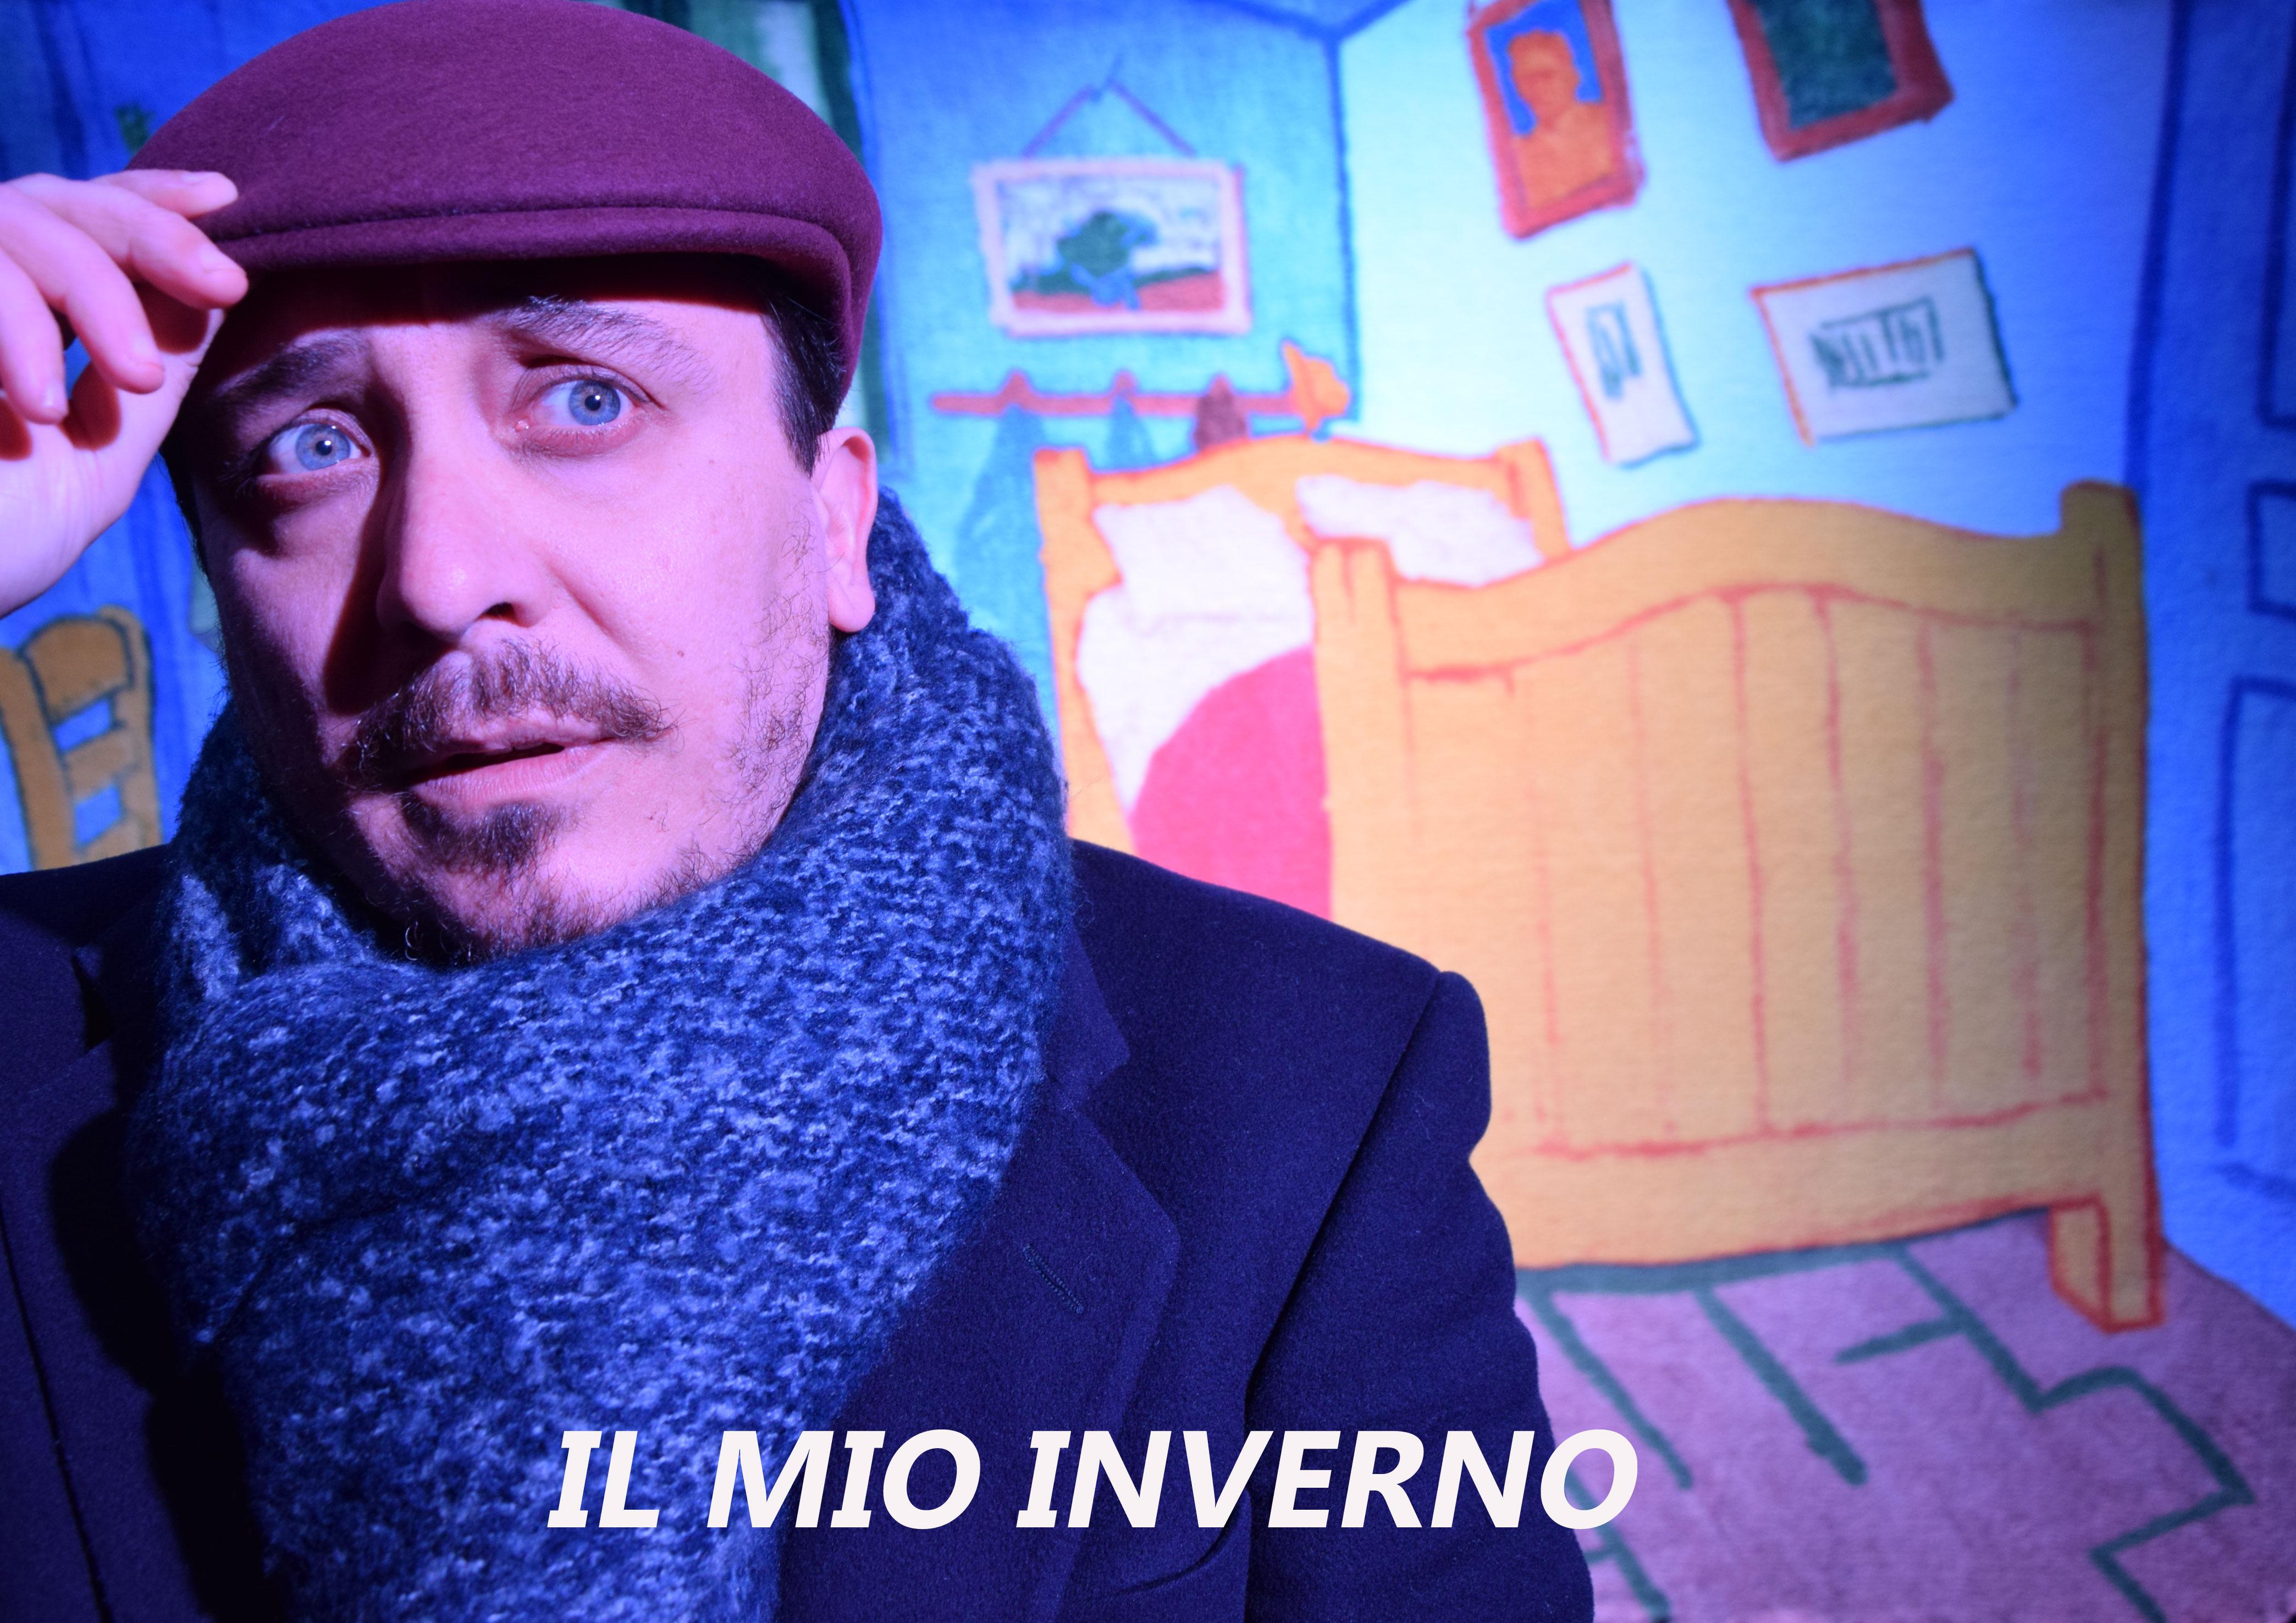 il-mio-inverno-1